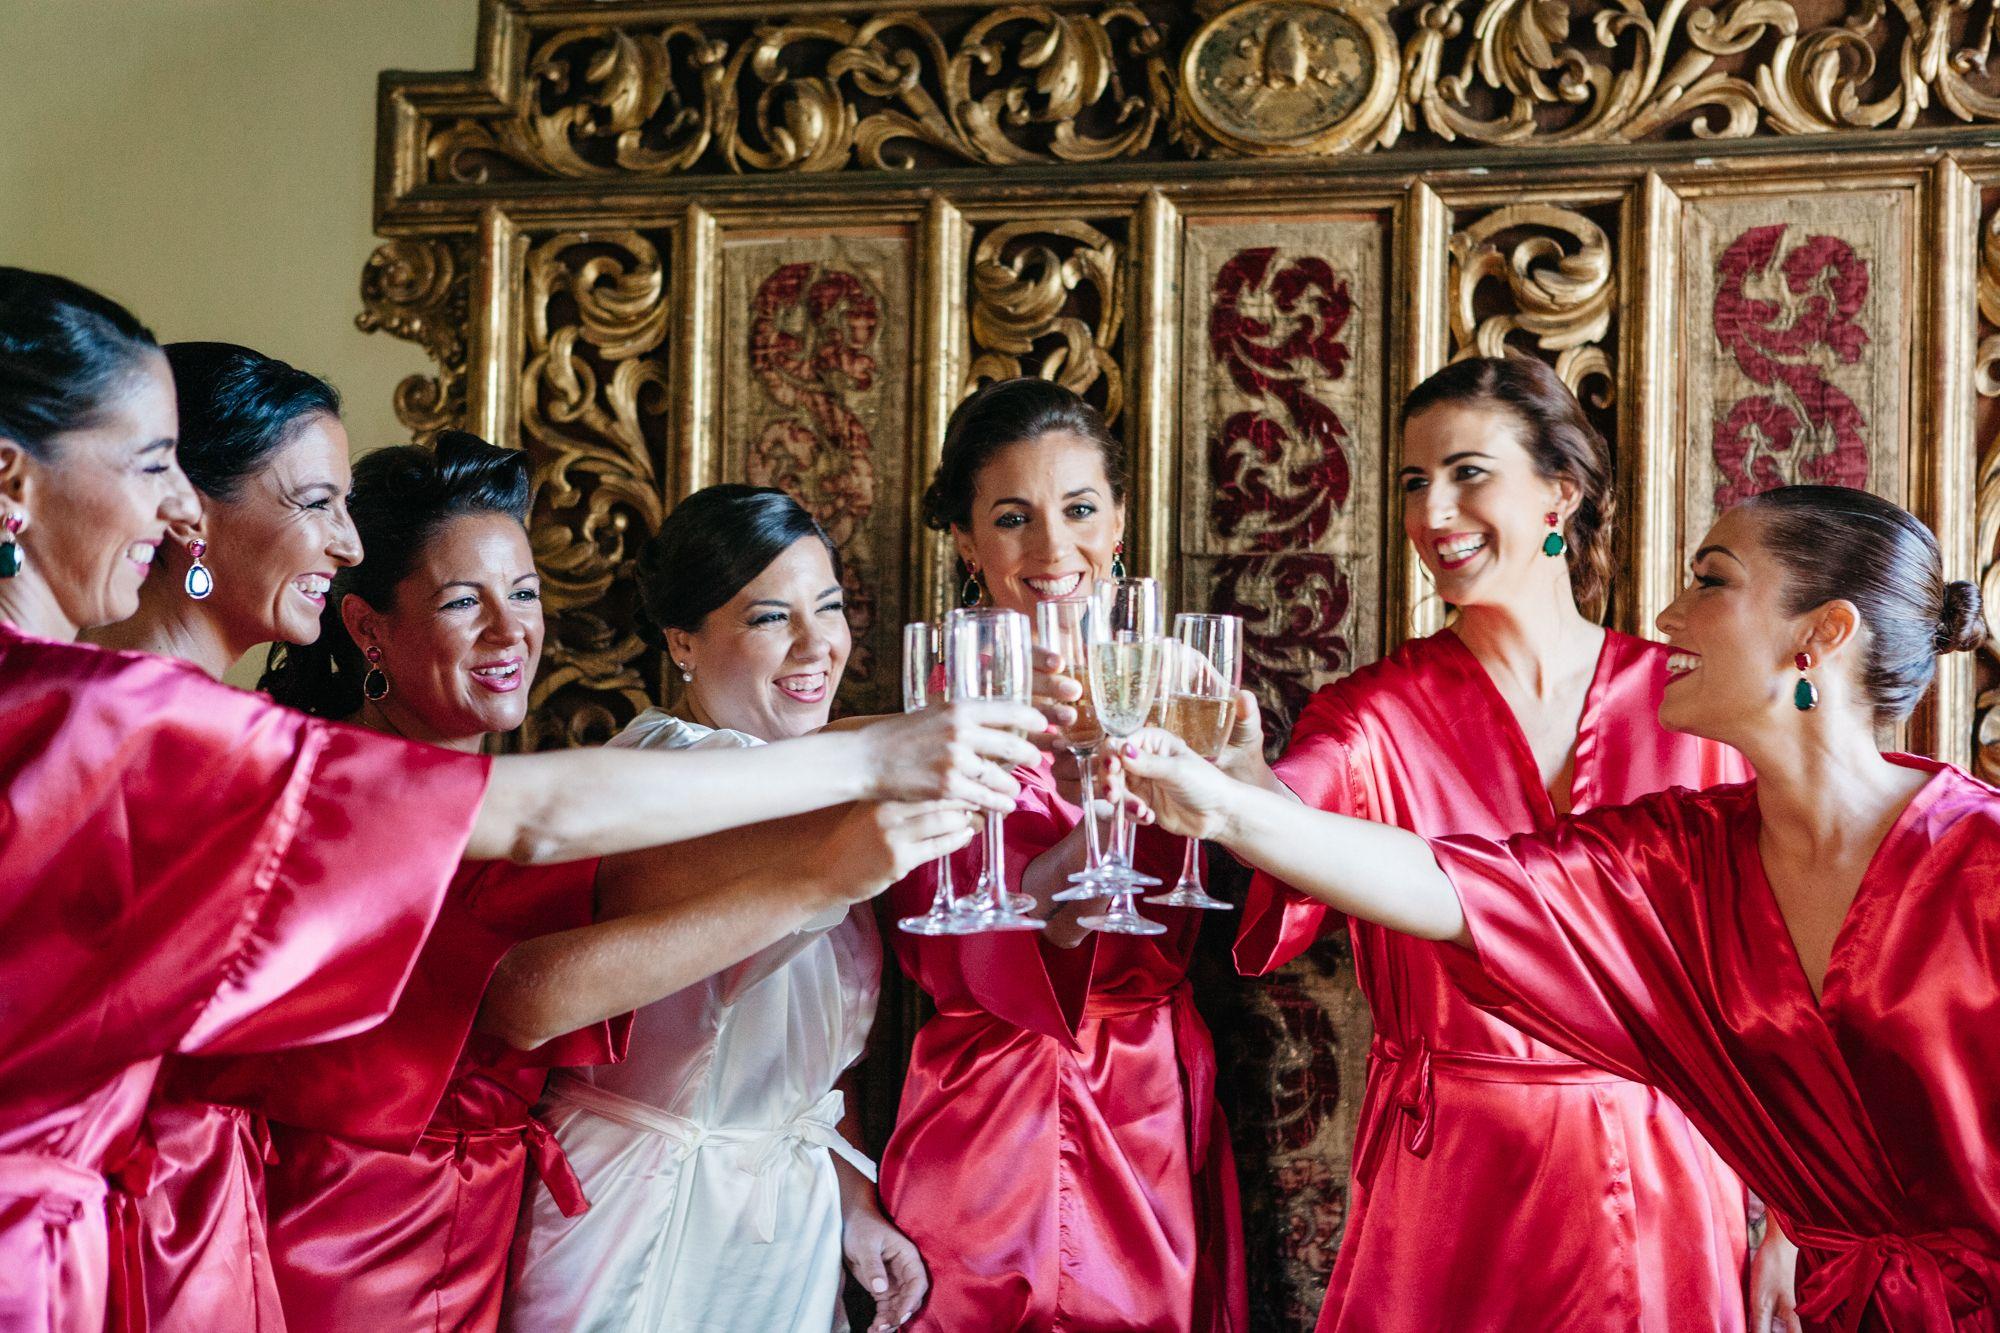 La boda de Amanda y Jorge en Villa Luisa 11